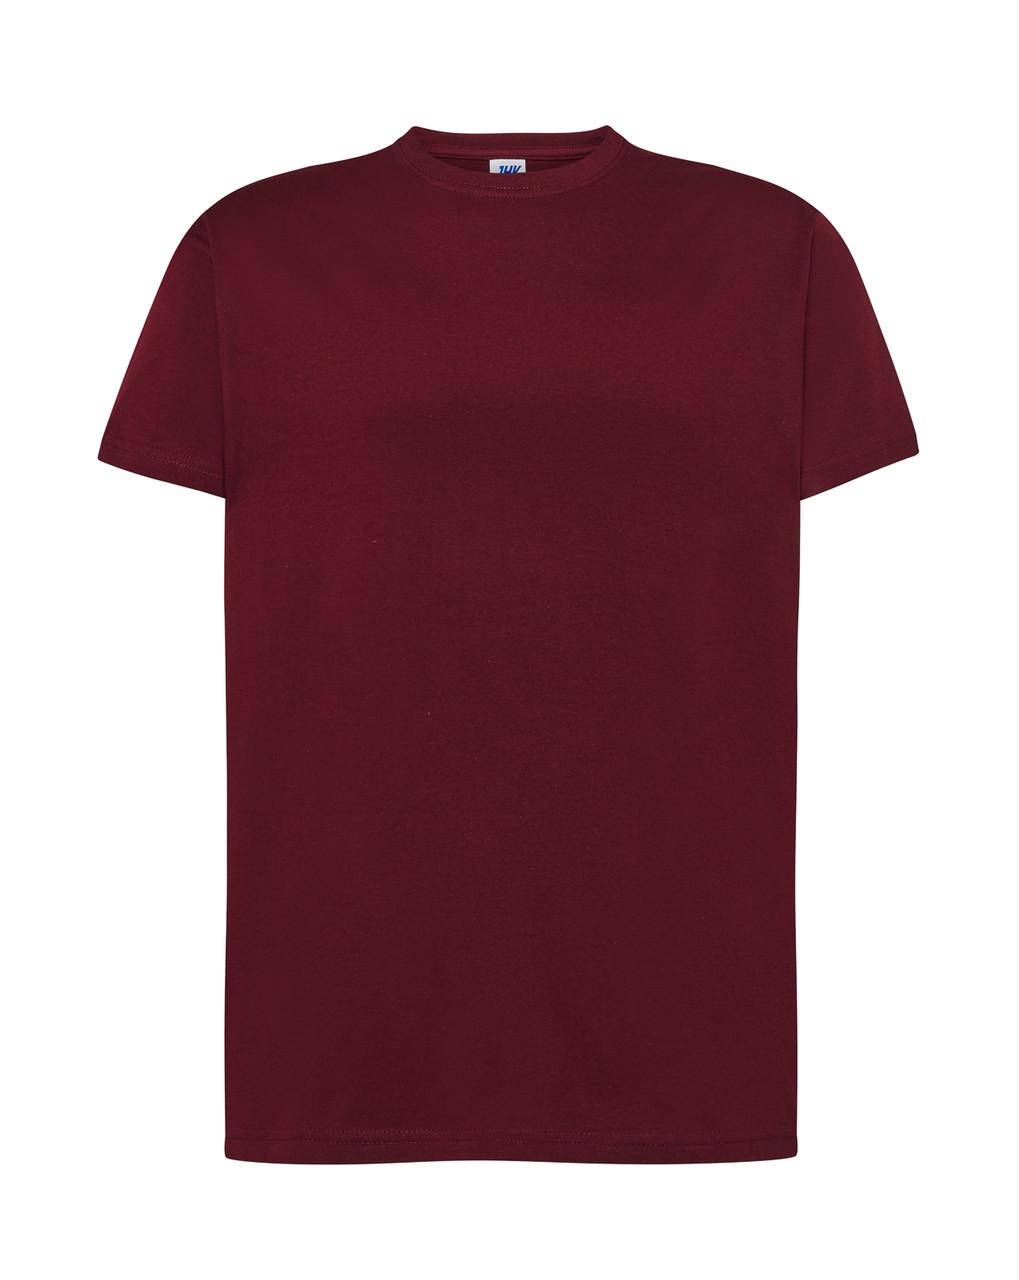 Мужская футболка JHK REGULAR T-SHIRT цвет темно-бордовый (CA)